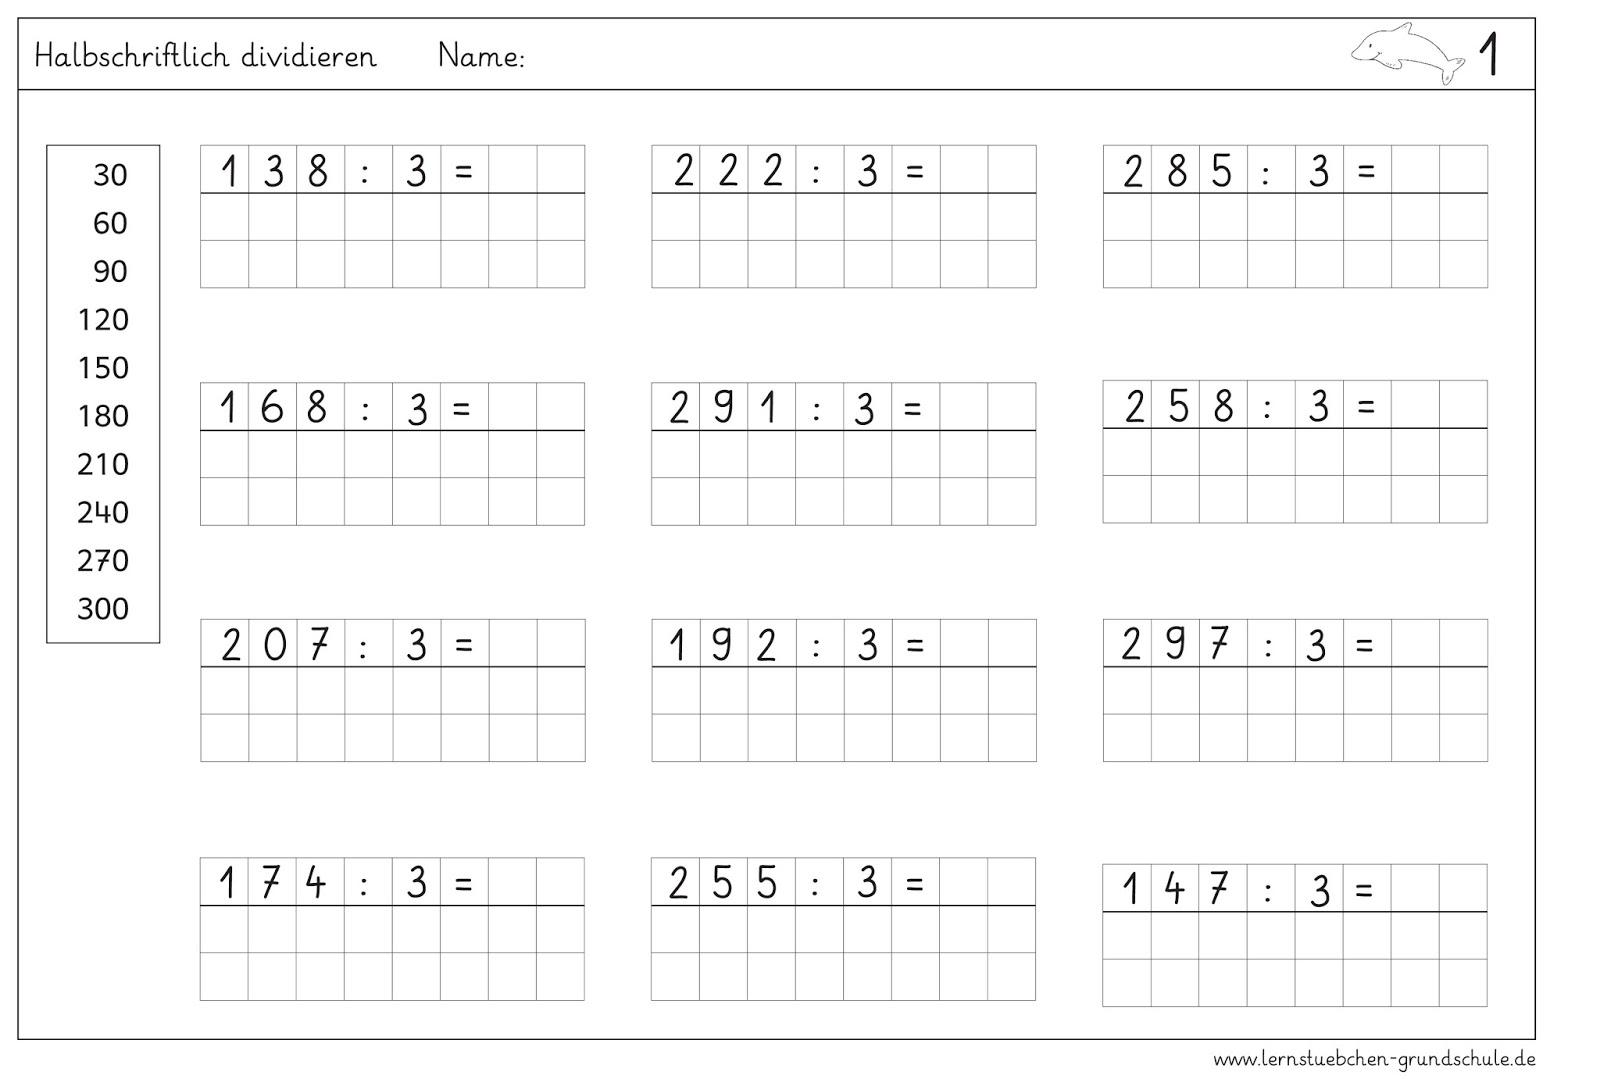 arbeitsblatt vorschule 187 mathe 3 klasse dividieren mit